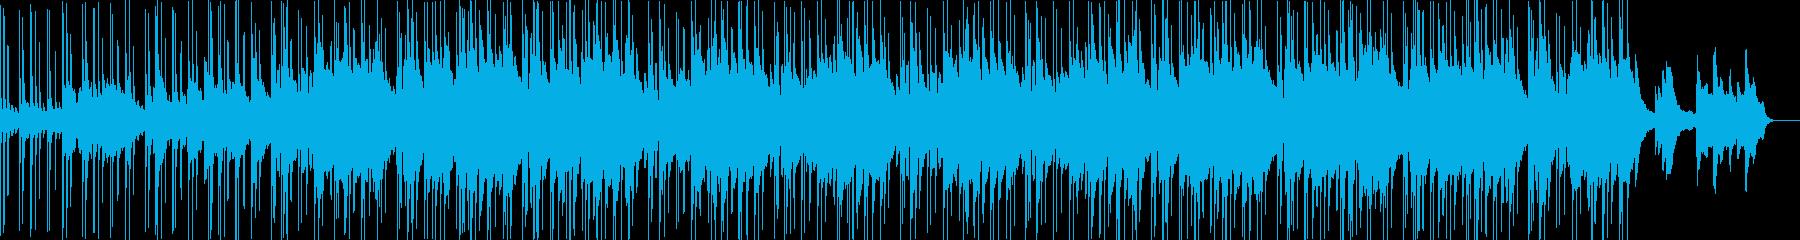 ダークなR&B系のビートですの再生済みの波形